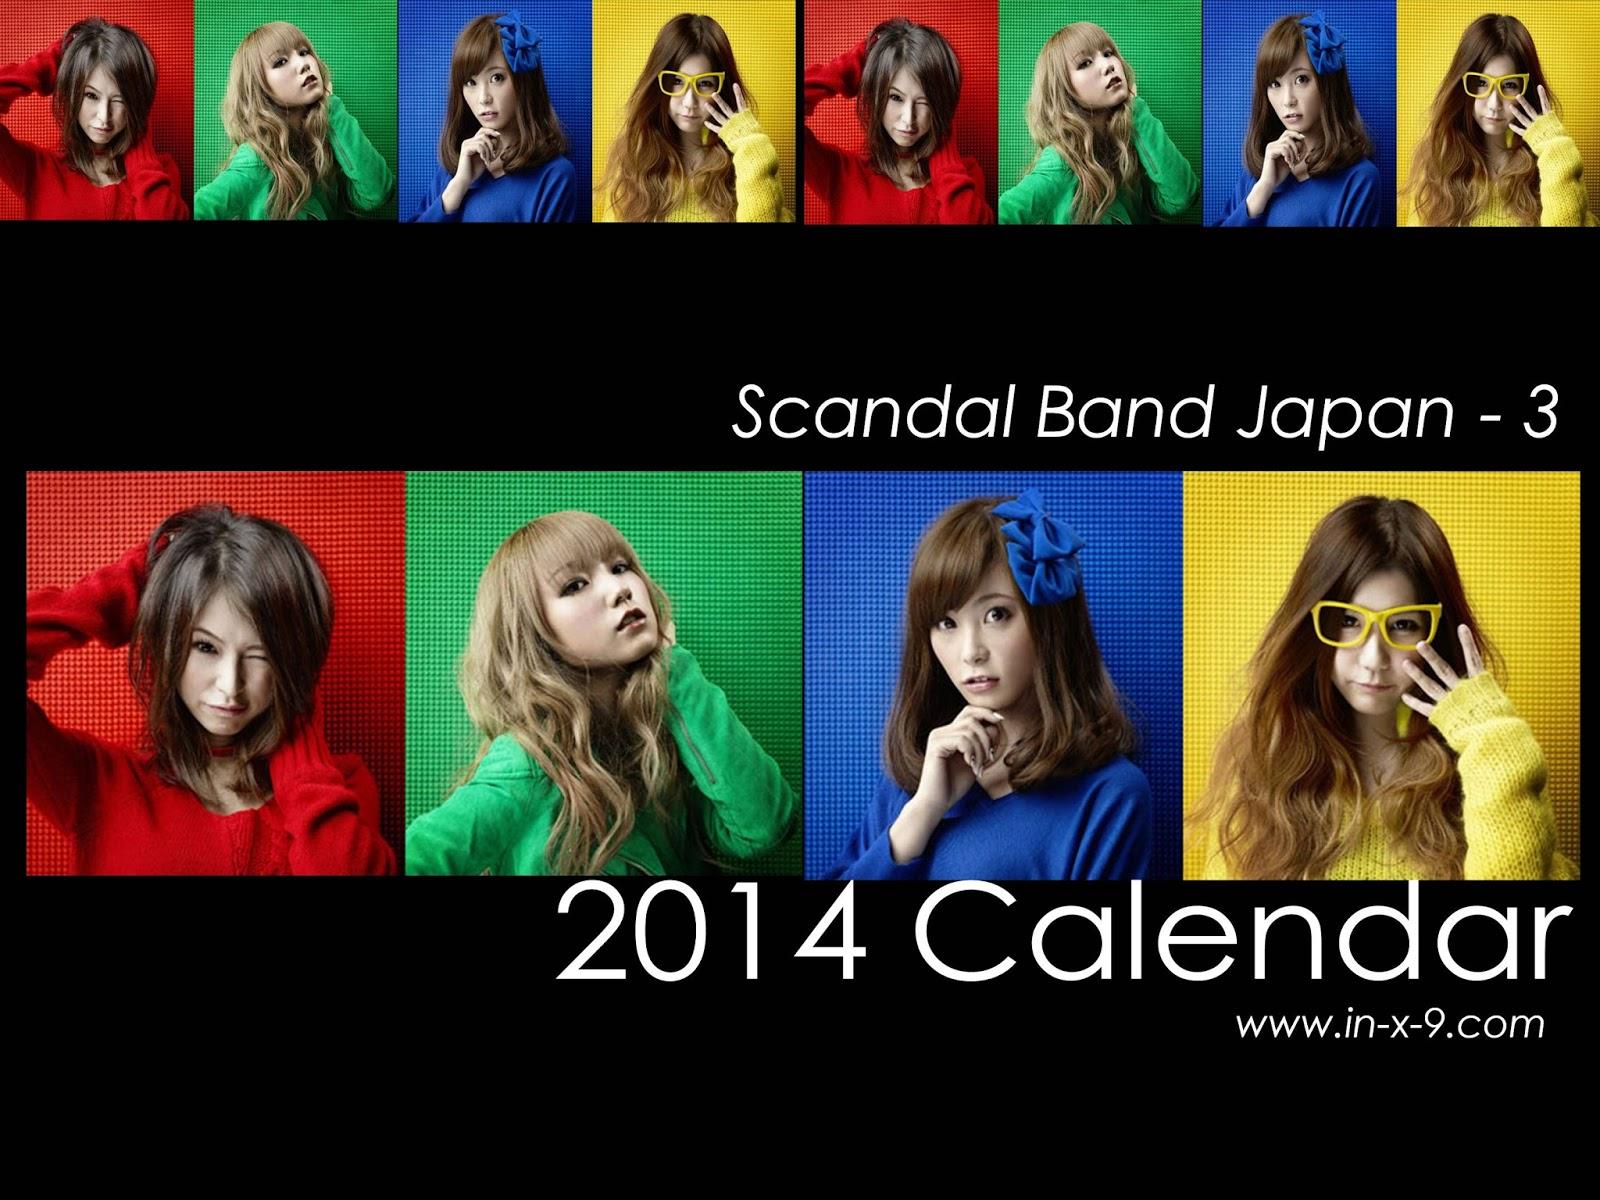 2014 hd calendar 2014 hd 2014 calendar in x 9 com malaysia events